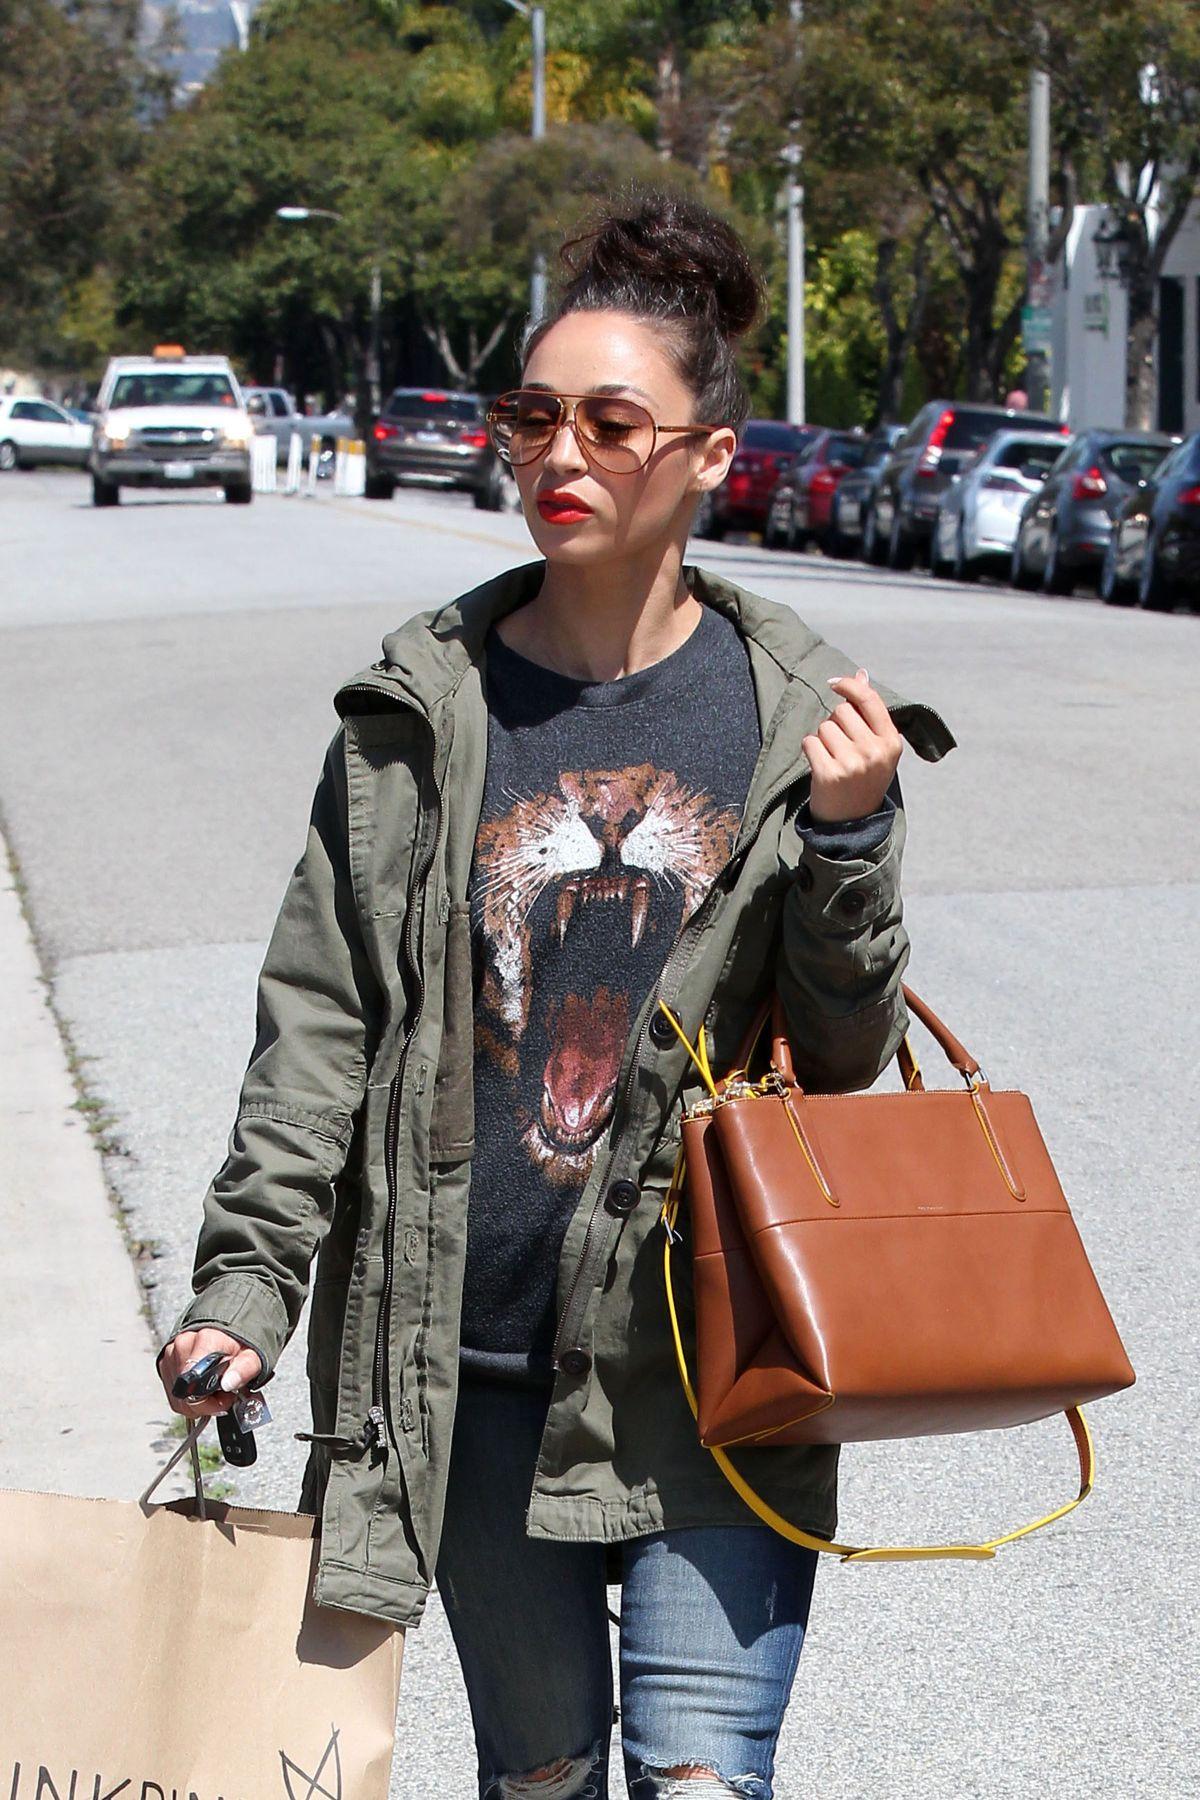 CARA SANTANA Leaves MinkPink in Los Angeles